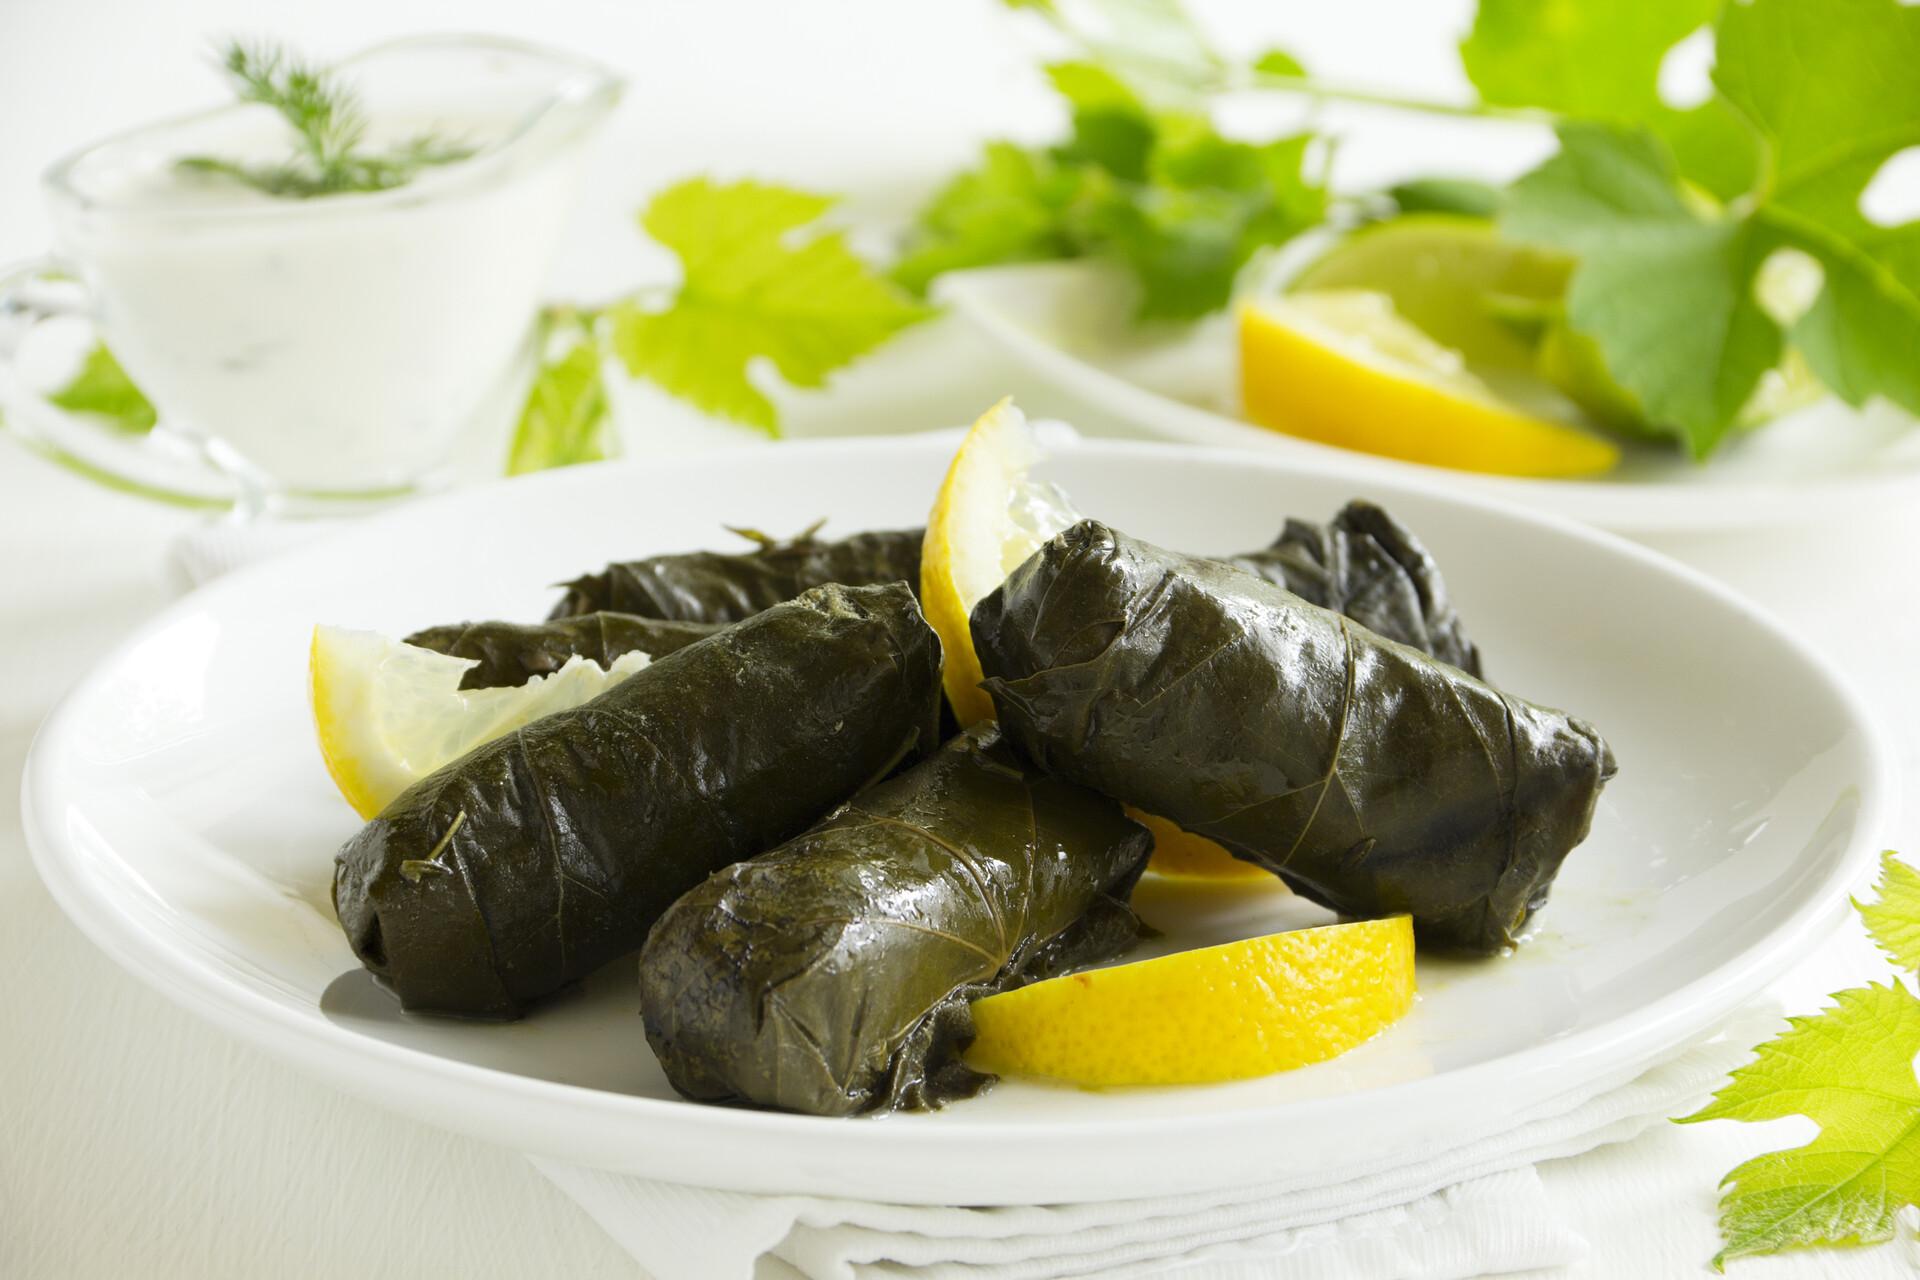 Cucina greca - La gastronomia della Grecia e i piatti tipici